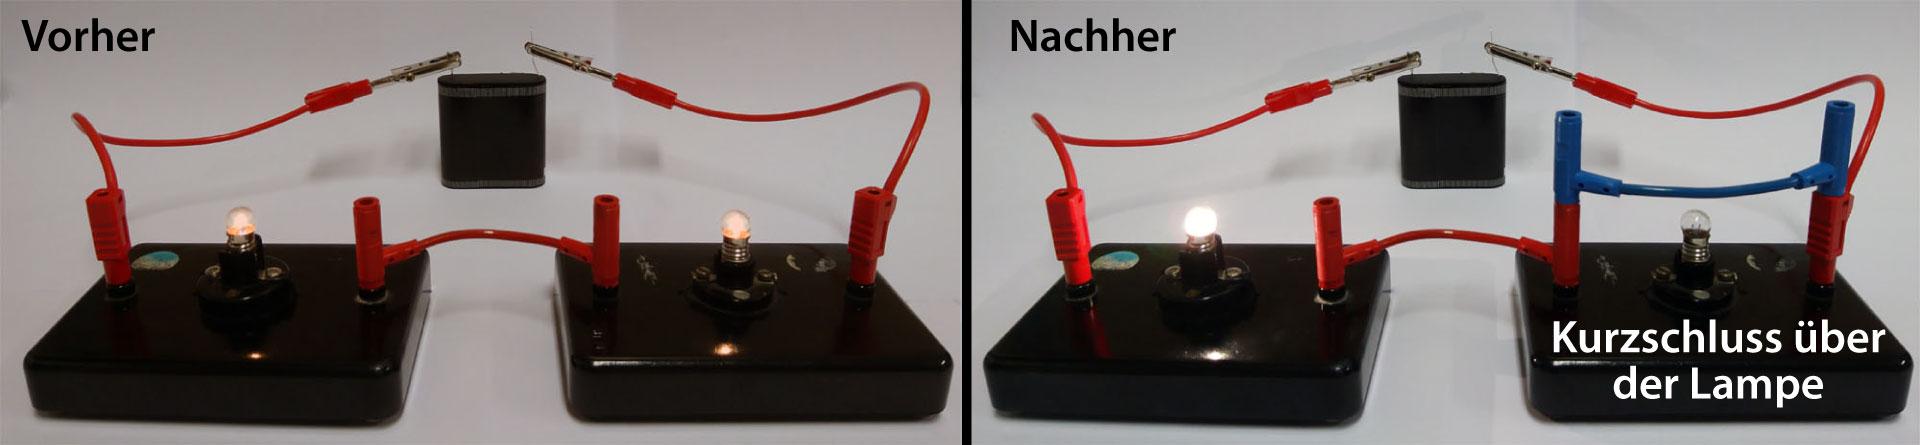 Kurzschluss über einer Lampe